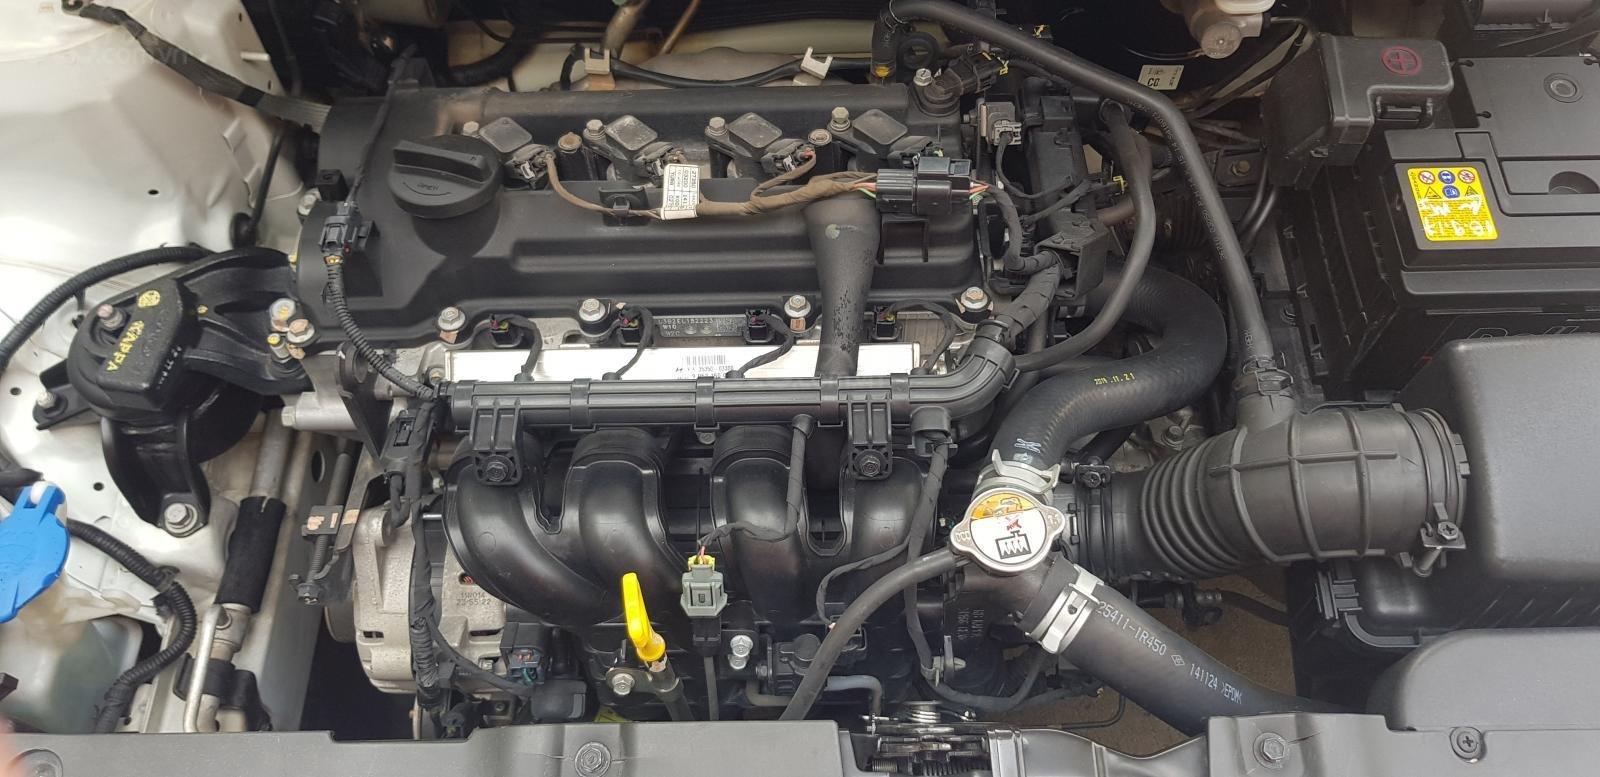 Bán Hyundai Accent 1.4 MT số sàn, đăng ký 2015, màu trắng xe nhập, 410triệu (7)